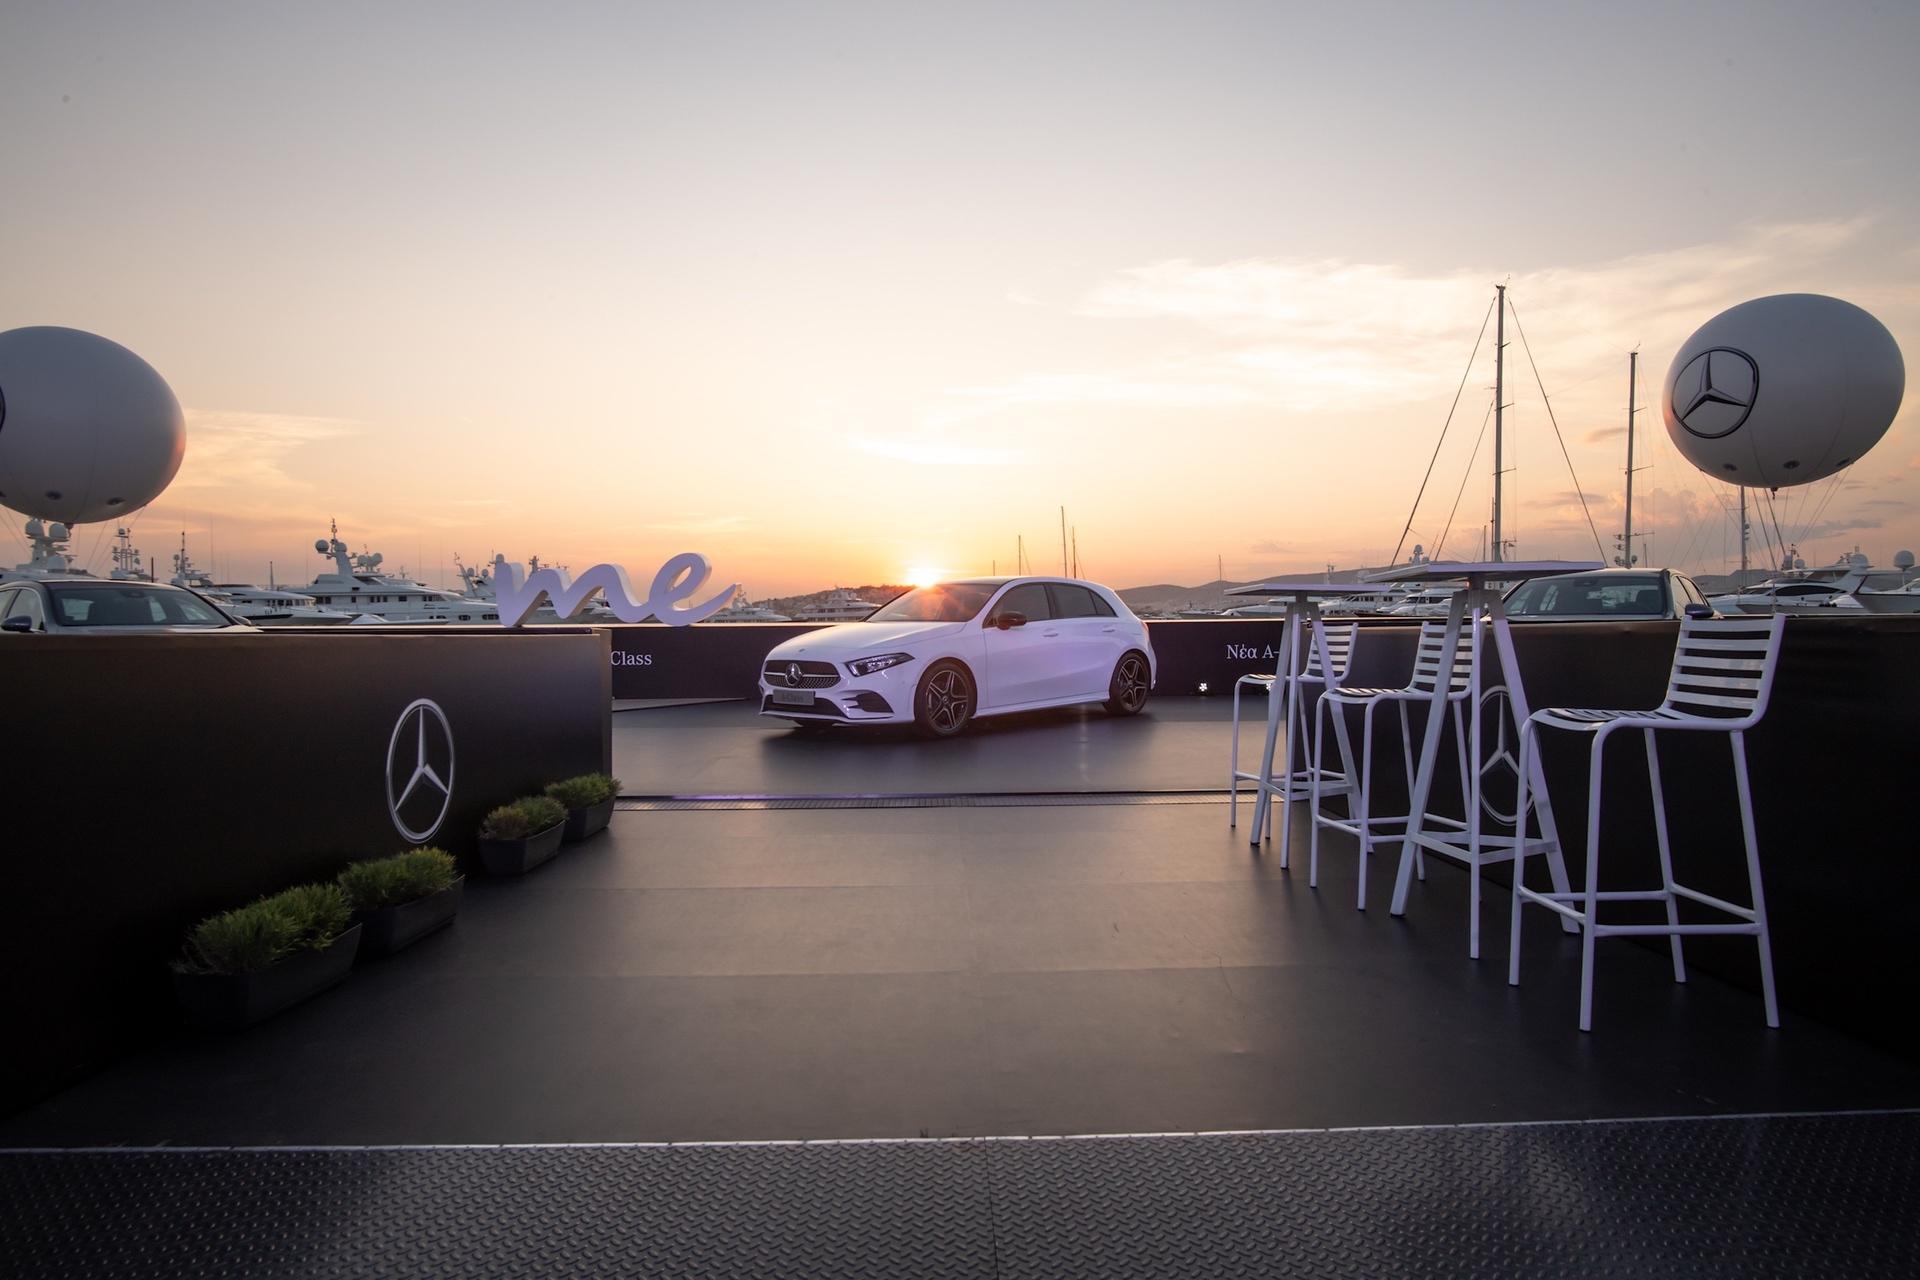 Mercedes_A-Class_Greece_0004